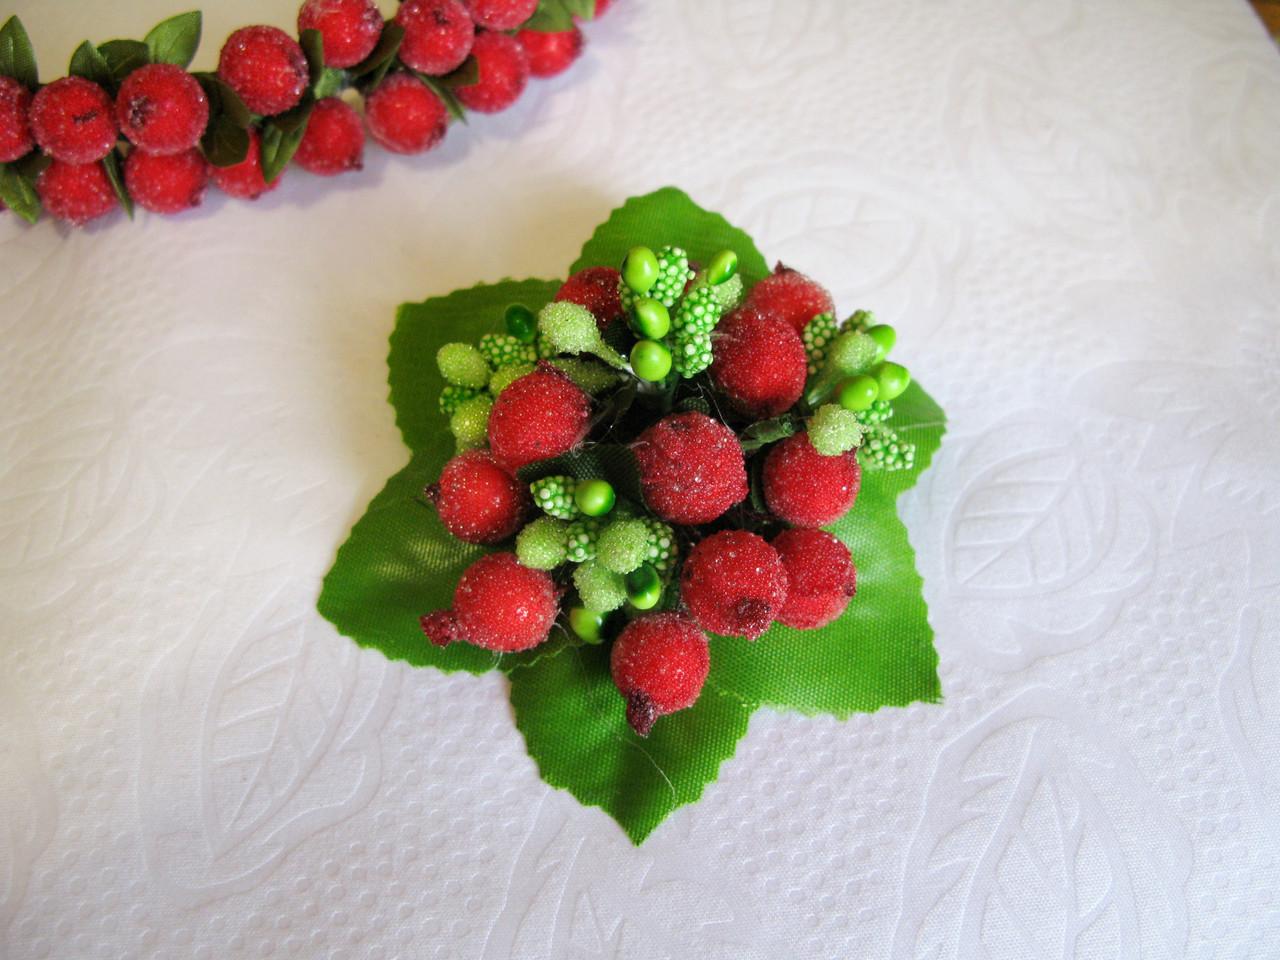 Брошь-заколка с ягодами калины сахарной 40 грн